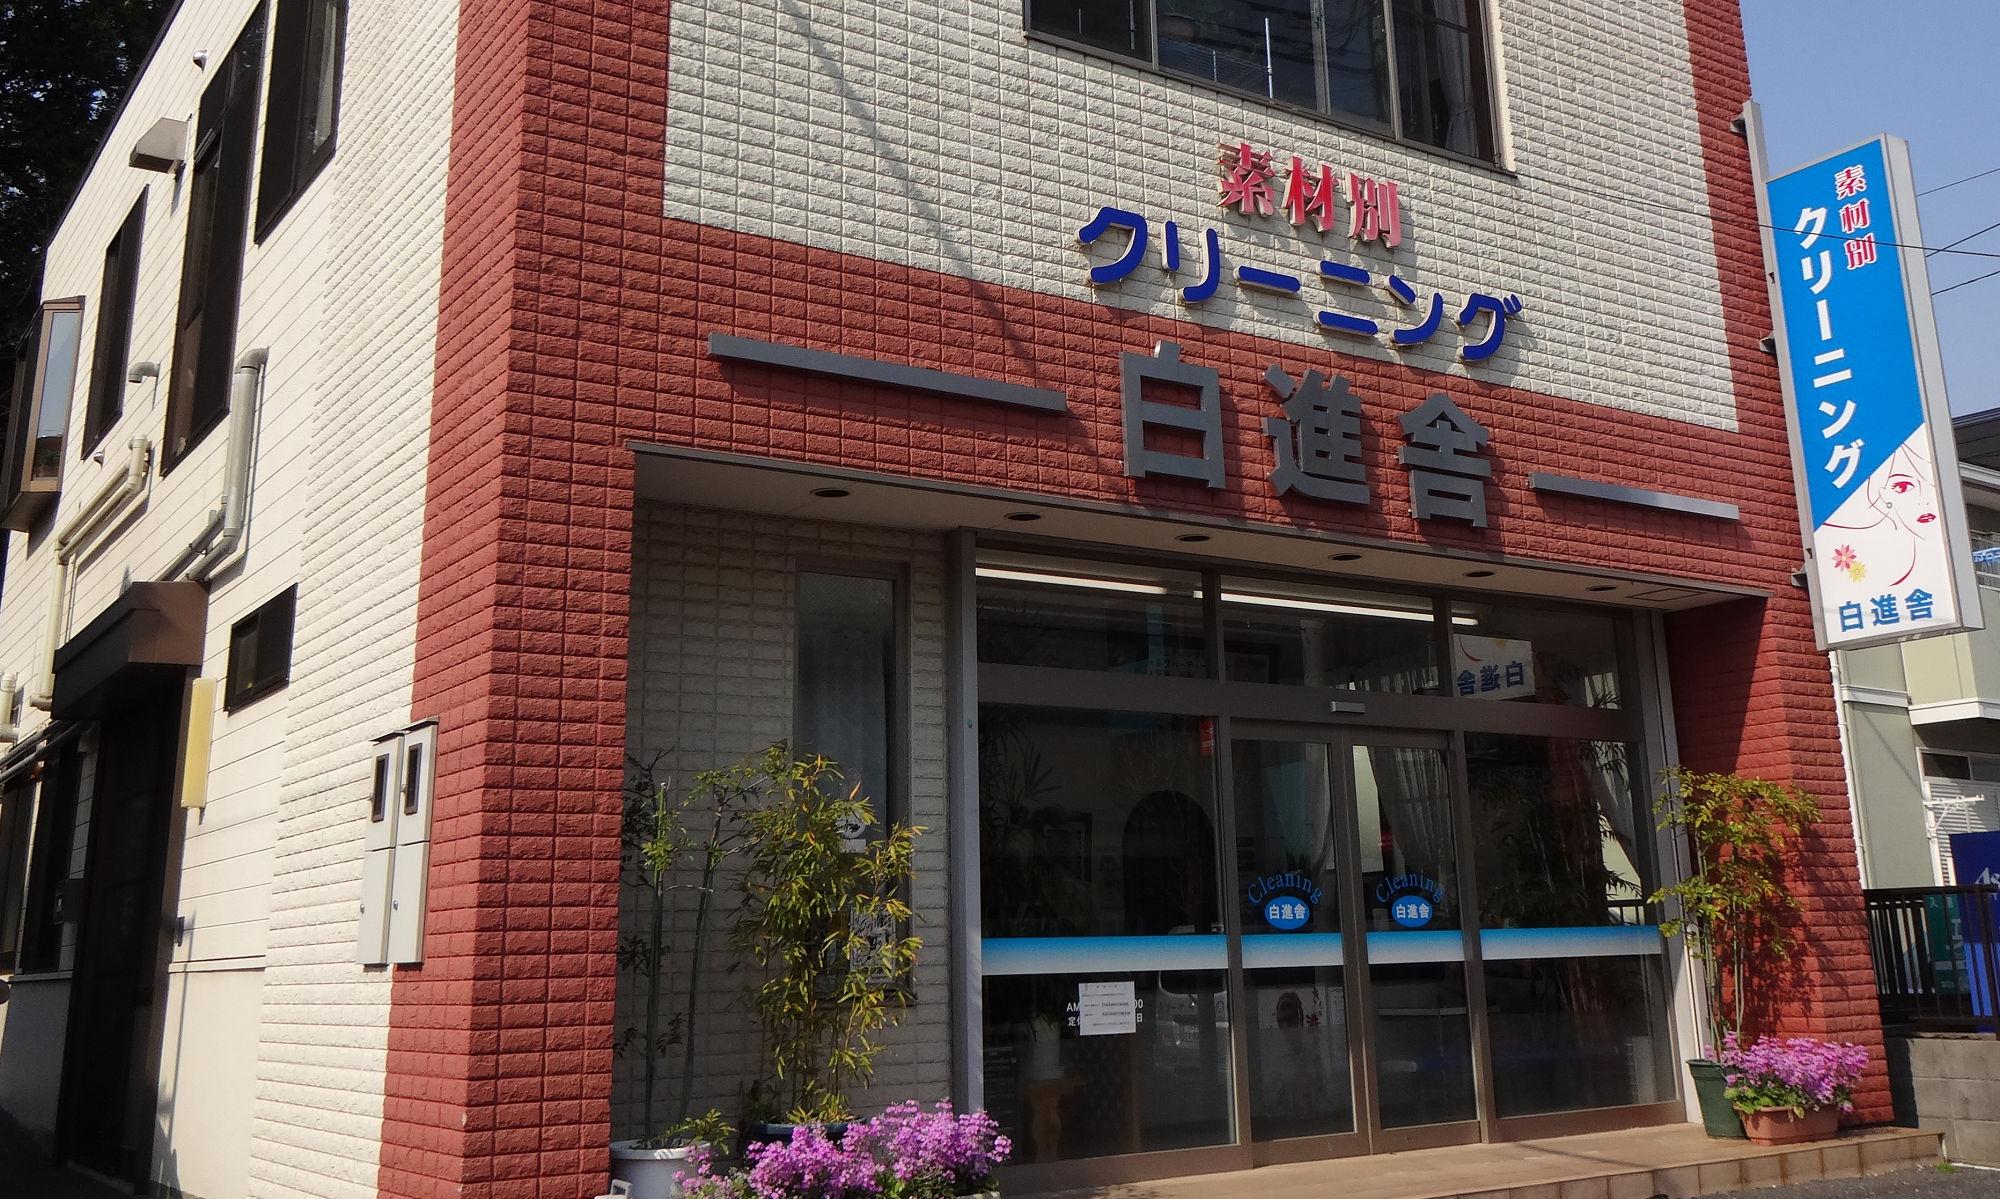 素材別クリーニングの白進舎 千葉県佐倉市